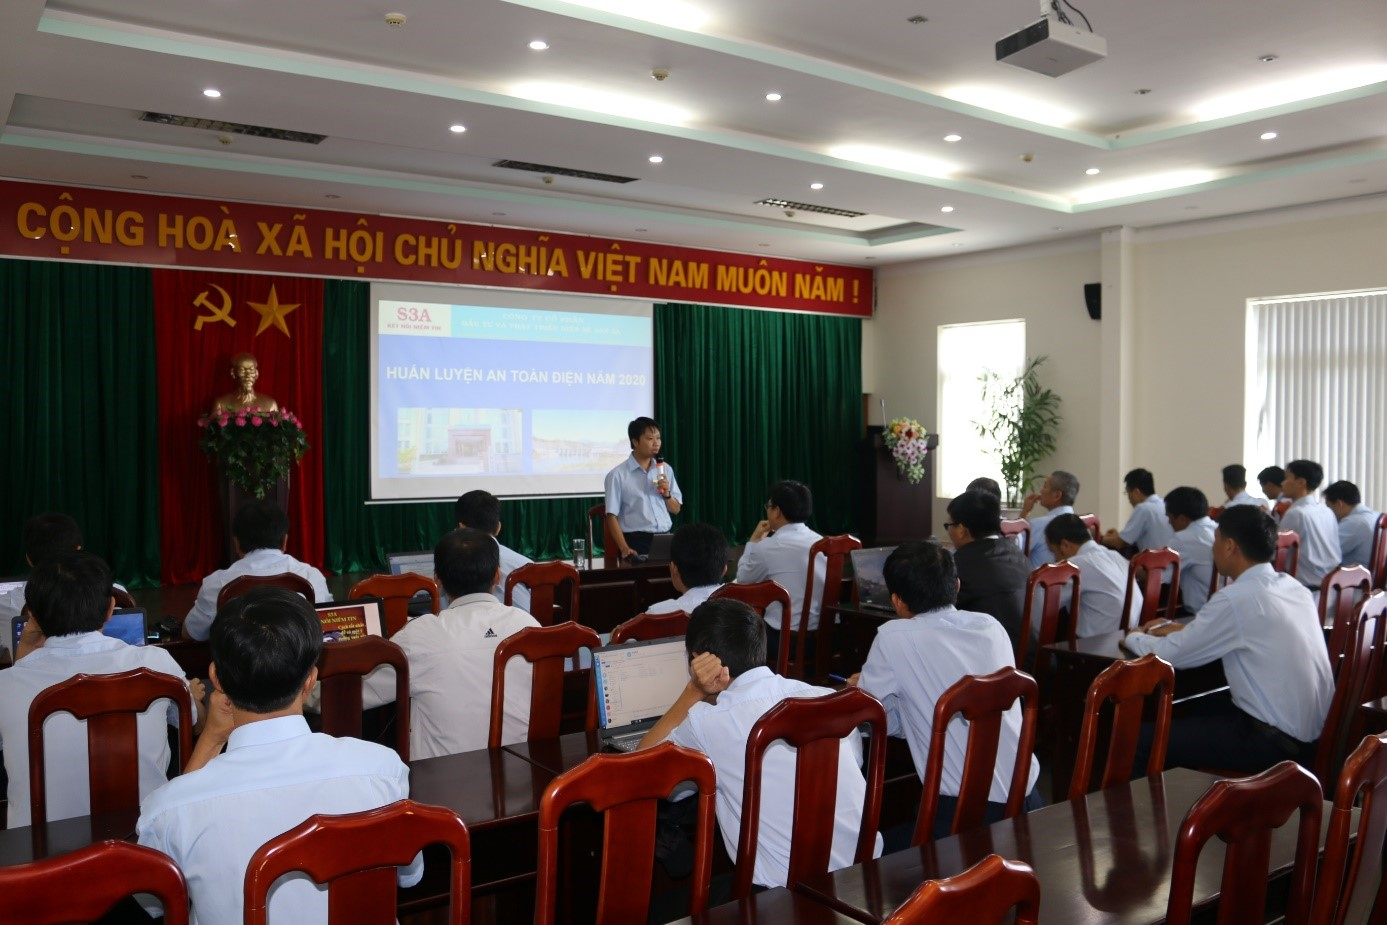 Sê San 3A huấn luyện kiến thức an toàn điện năm 2020